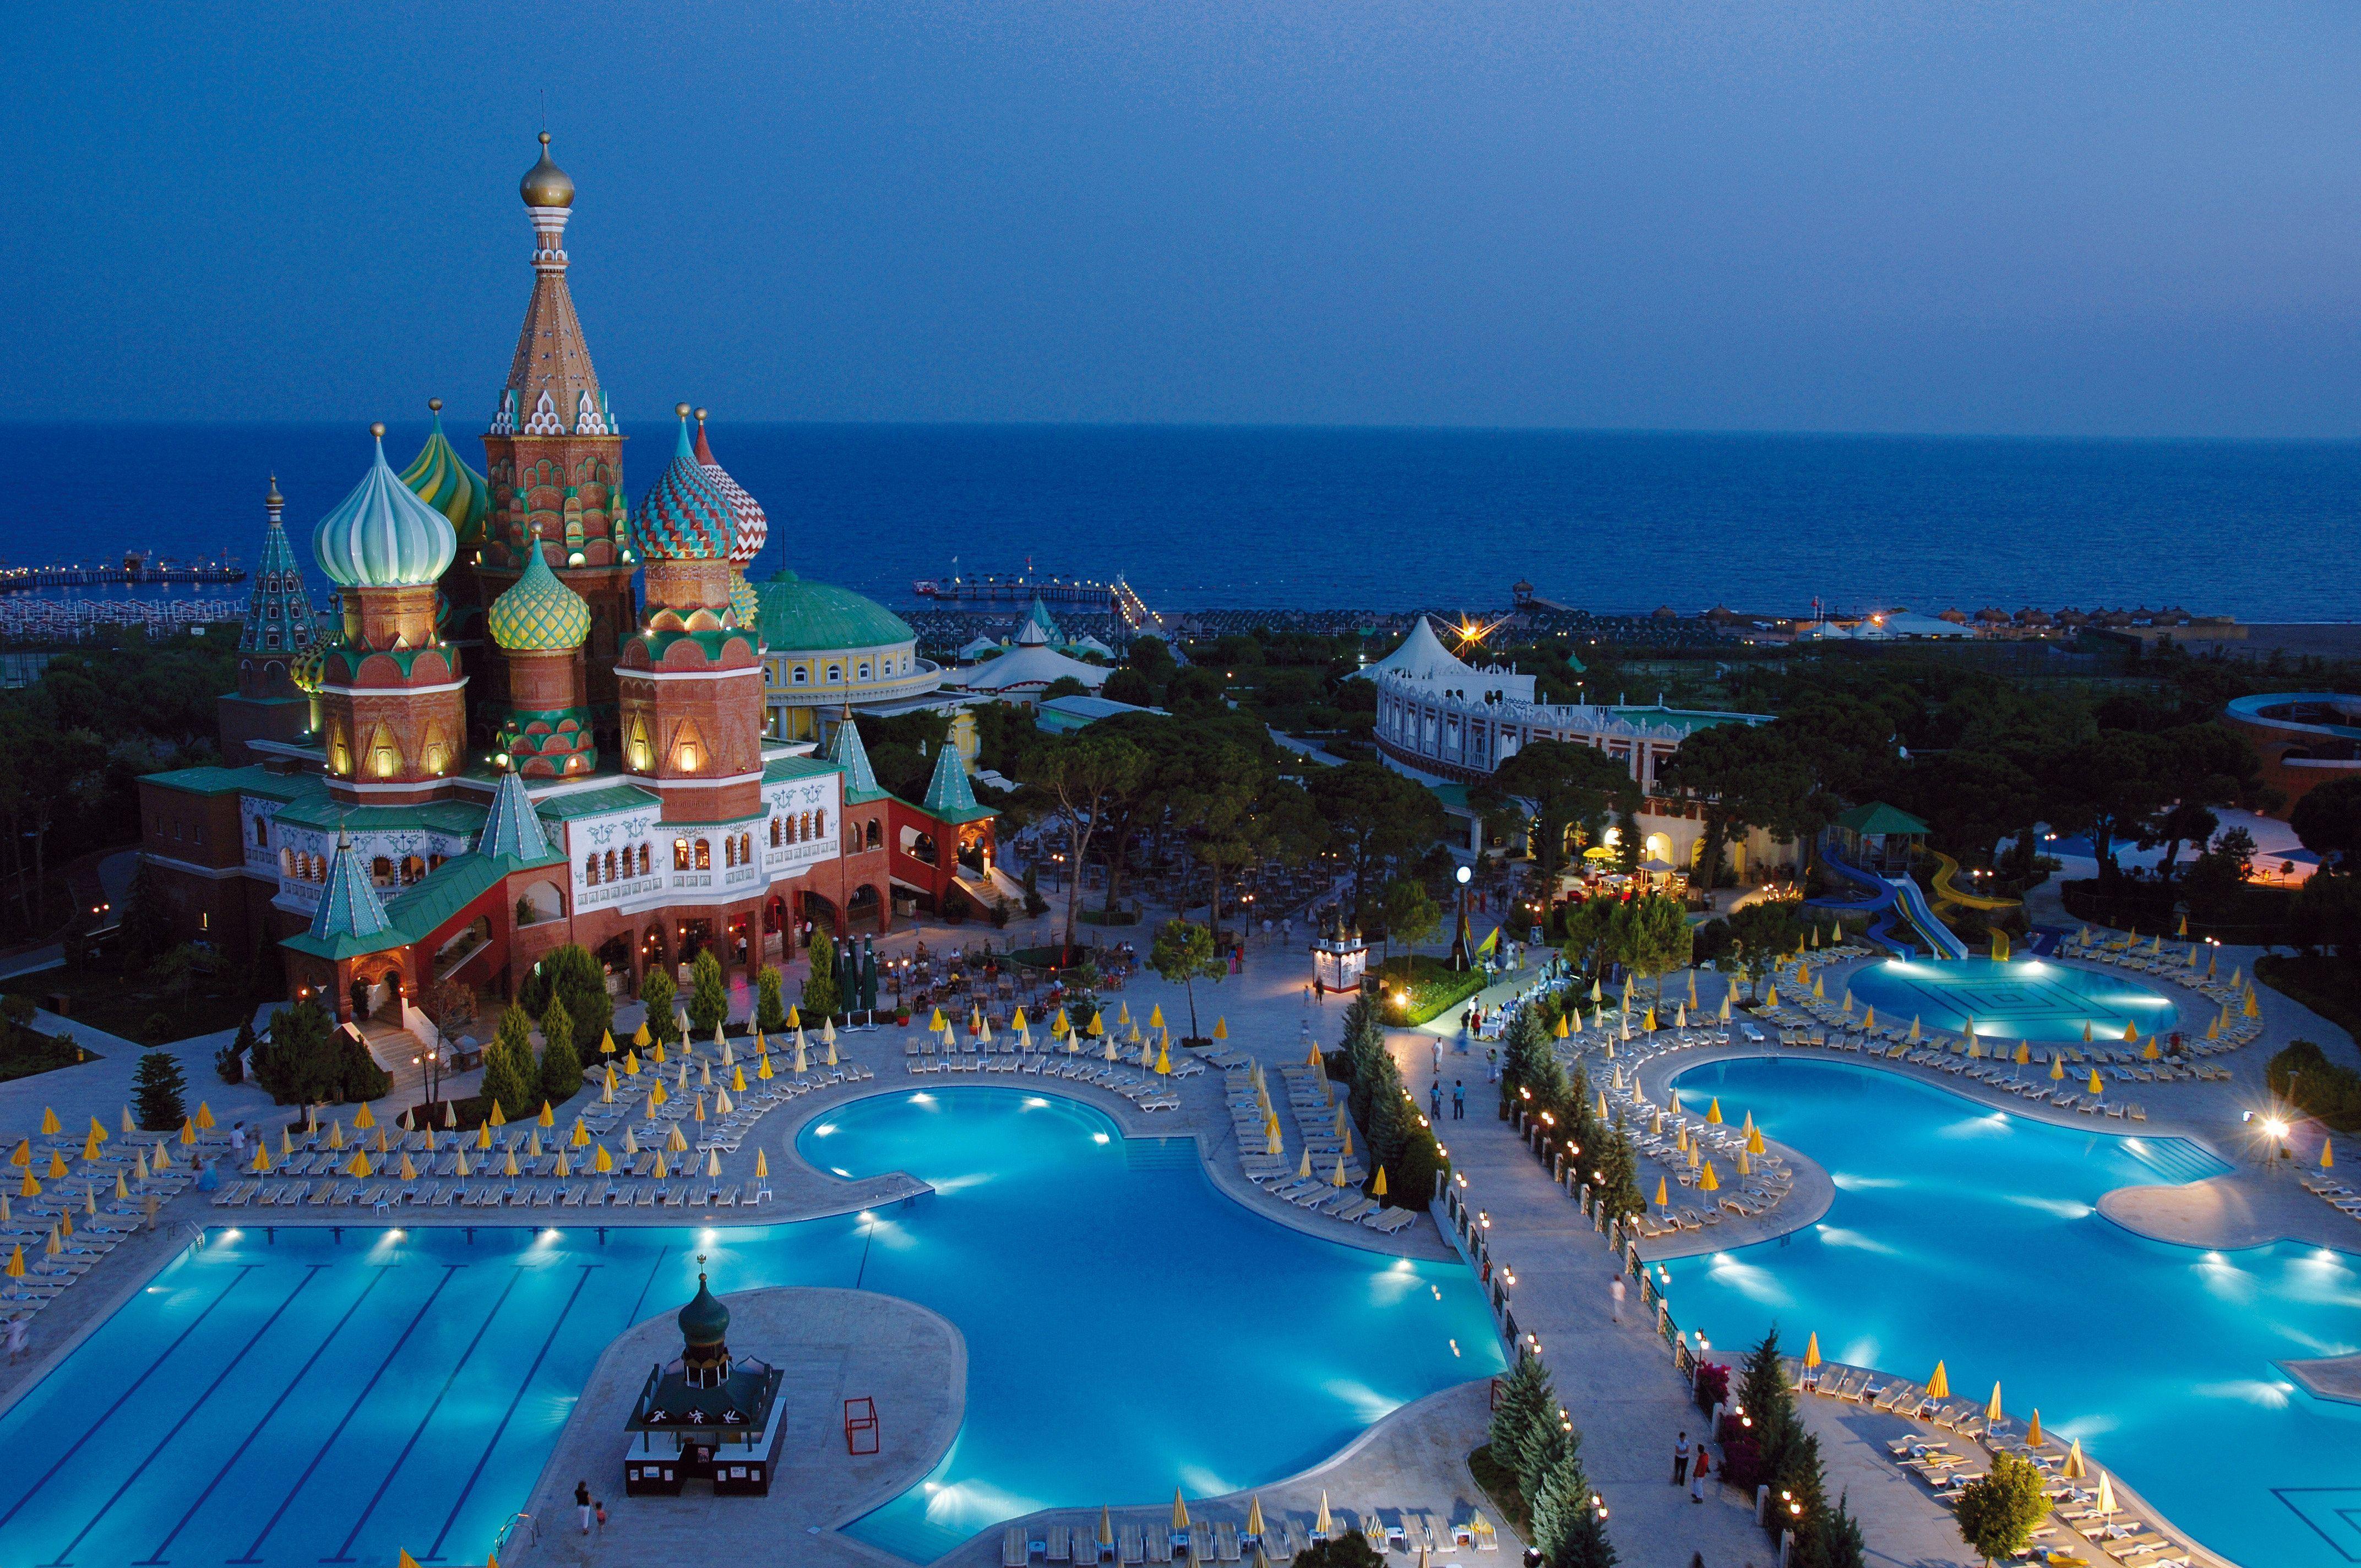 Wow Kremlin Palace Hotel Antalya Turkey Amazing Places Where I